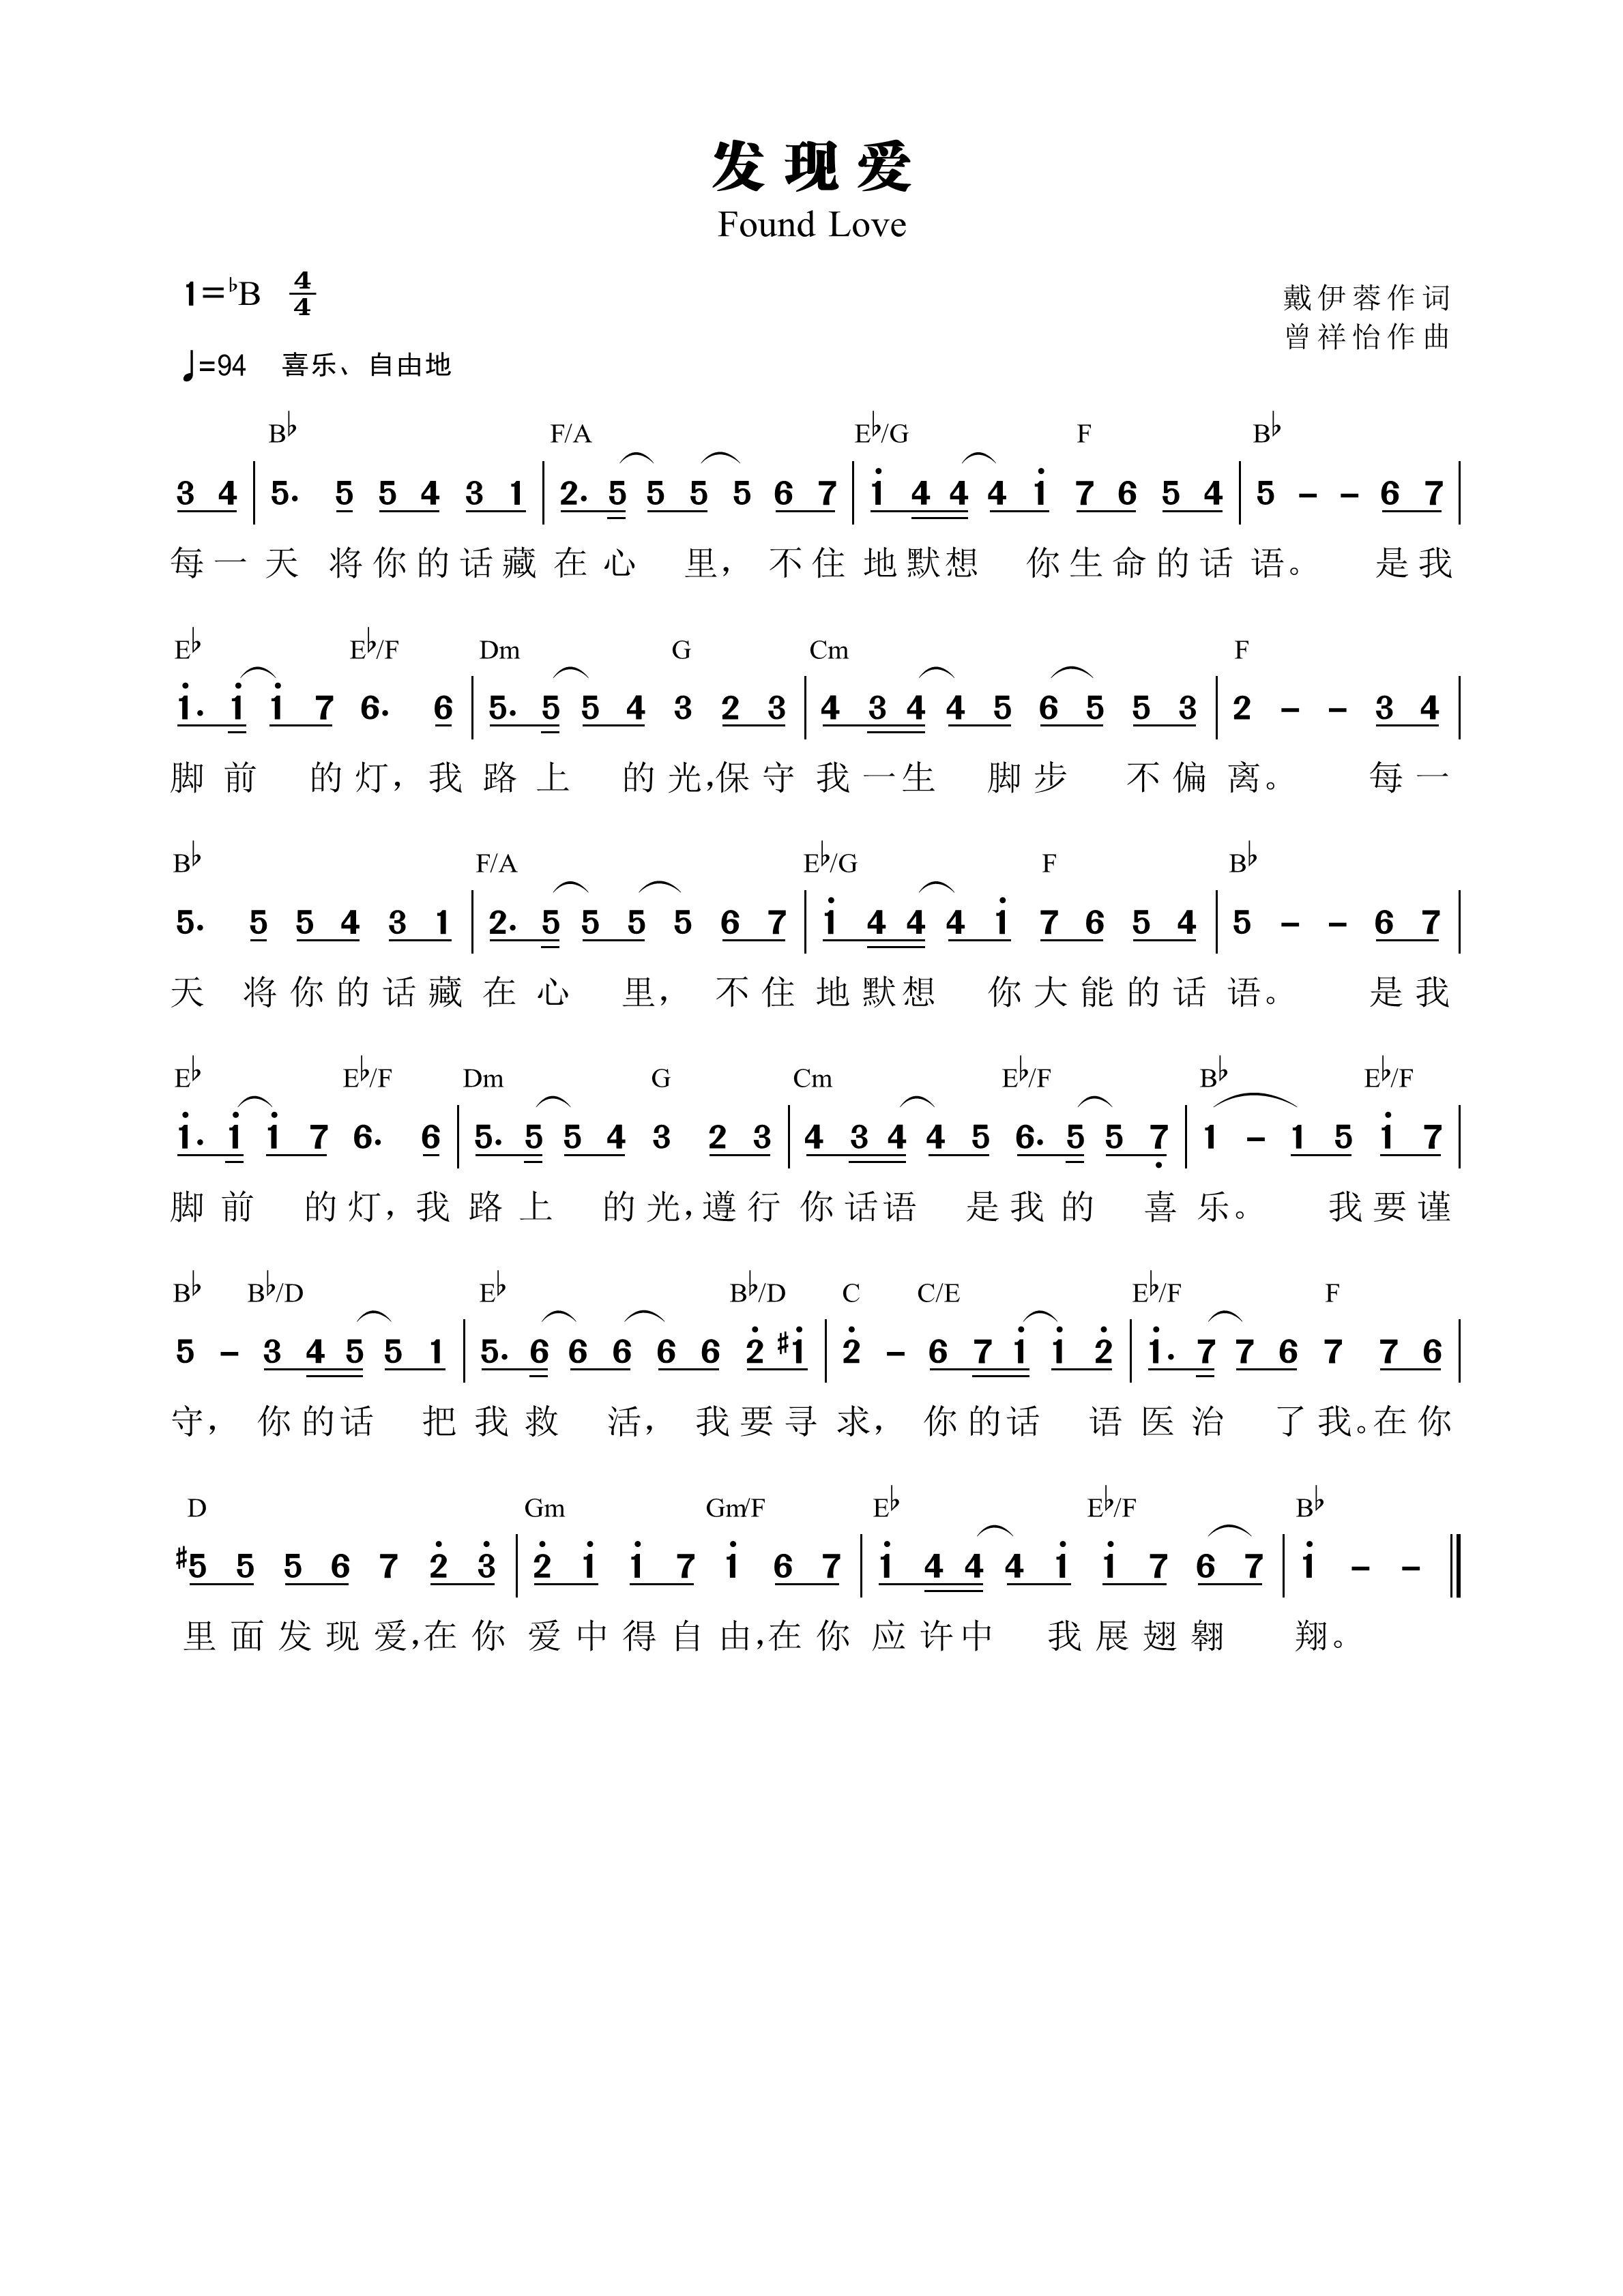 《发现爱 和弦简谱》